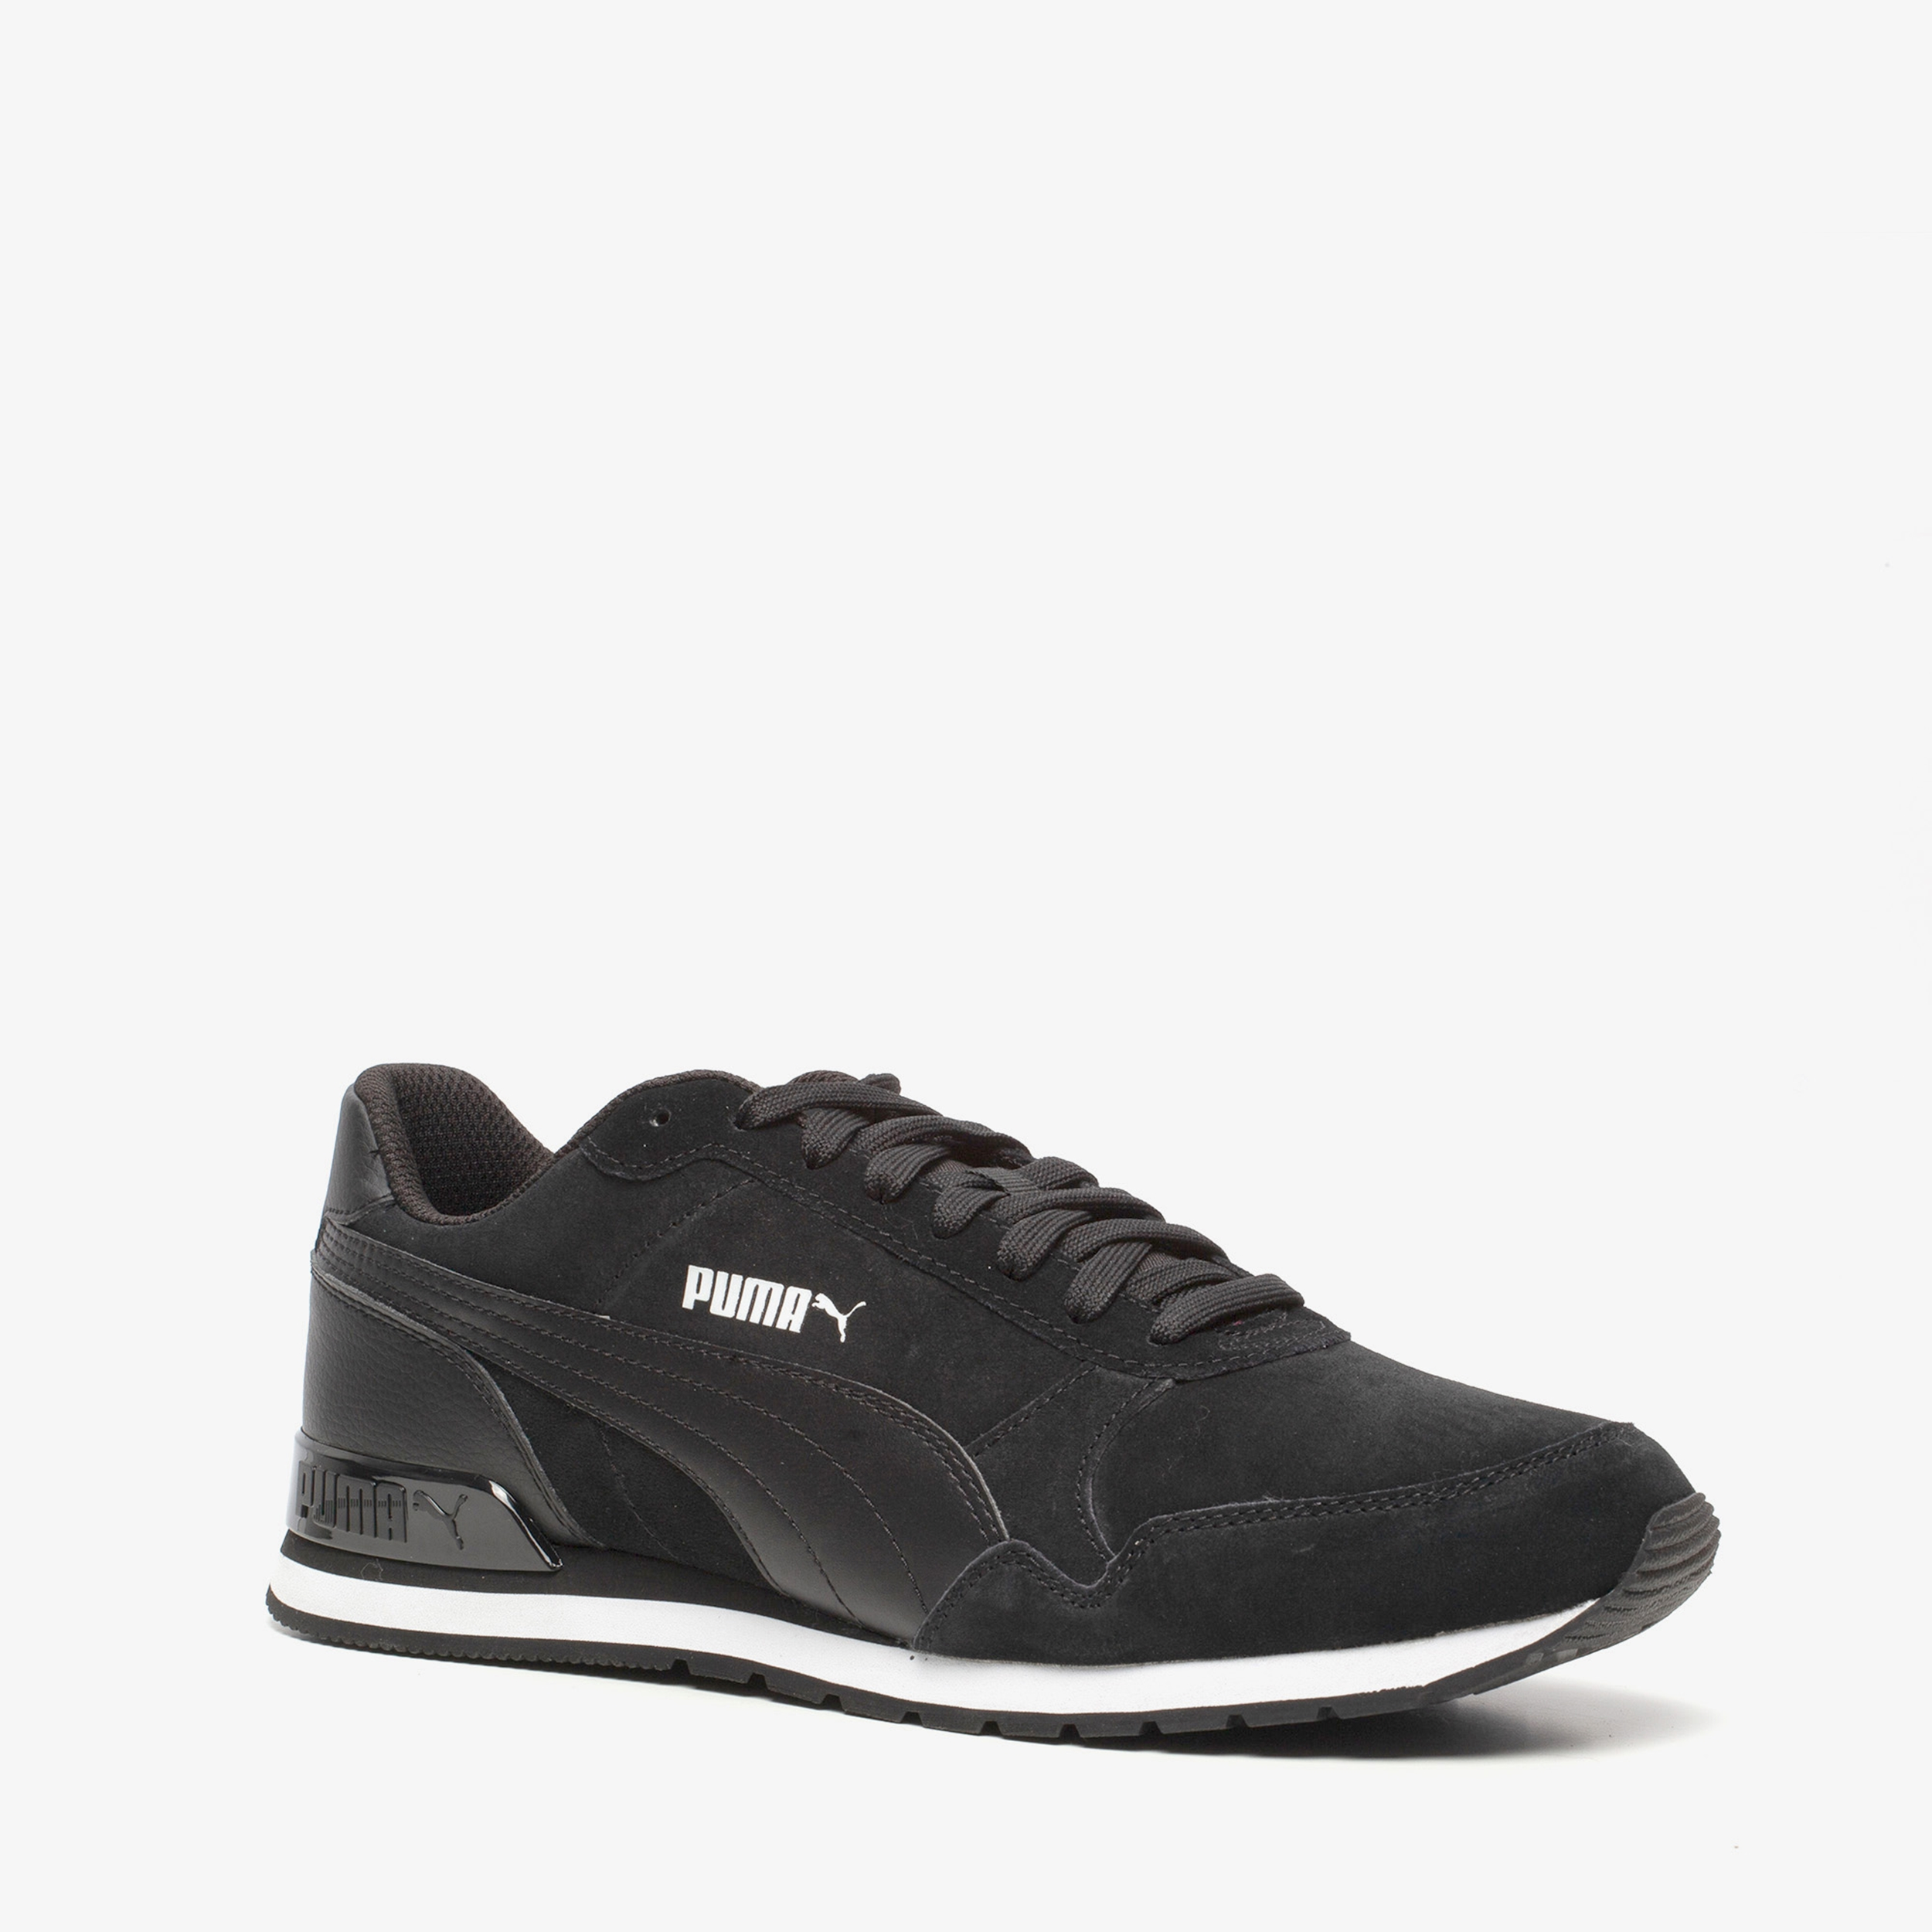 Puma ST Runner V2 heren sneakers | Scapino.nl